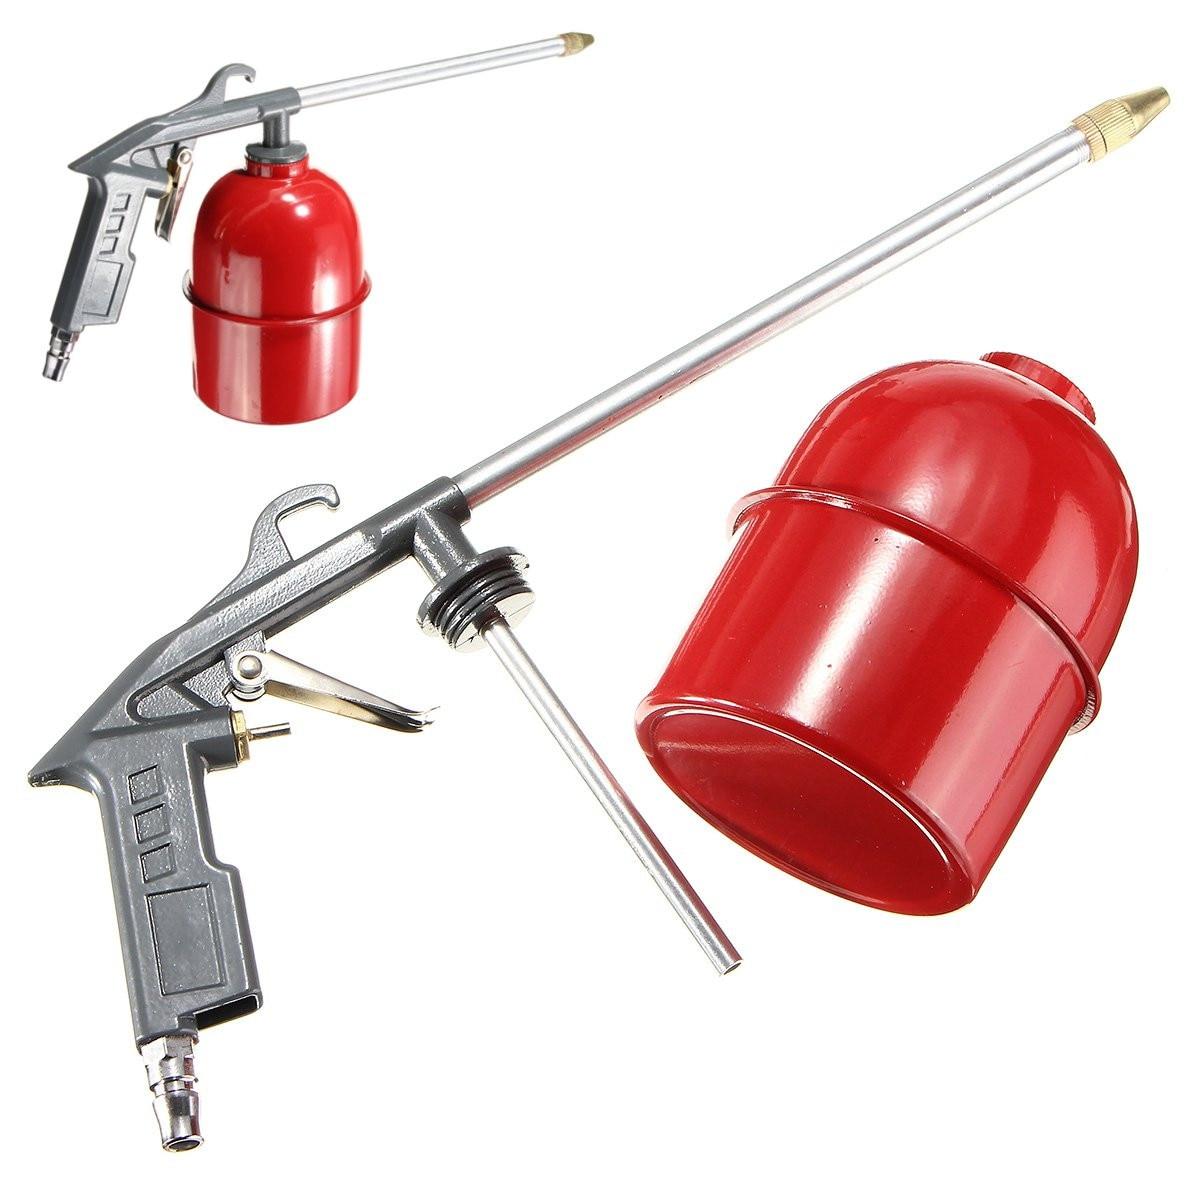 Pistolas de Limpieza de motor de coche solvente rociador de aire desengrasador herramientas de sifón gris herramientas de cuidado de motor automóviles mantener Accesorios